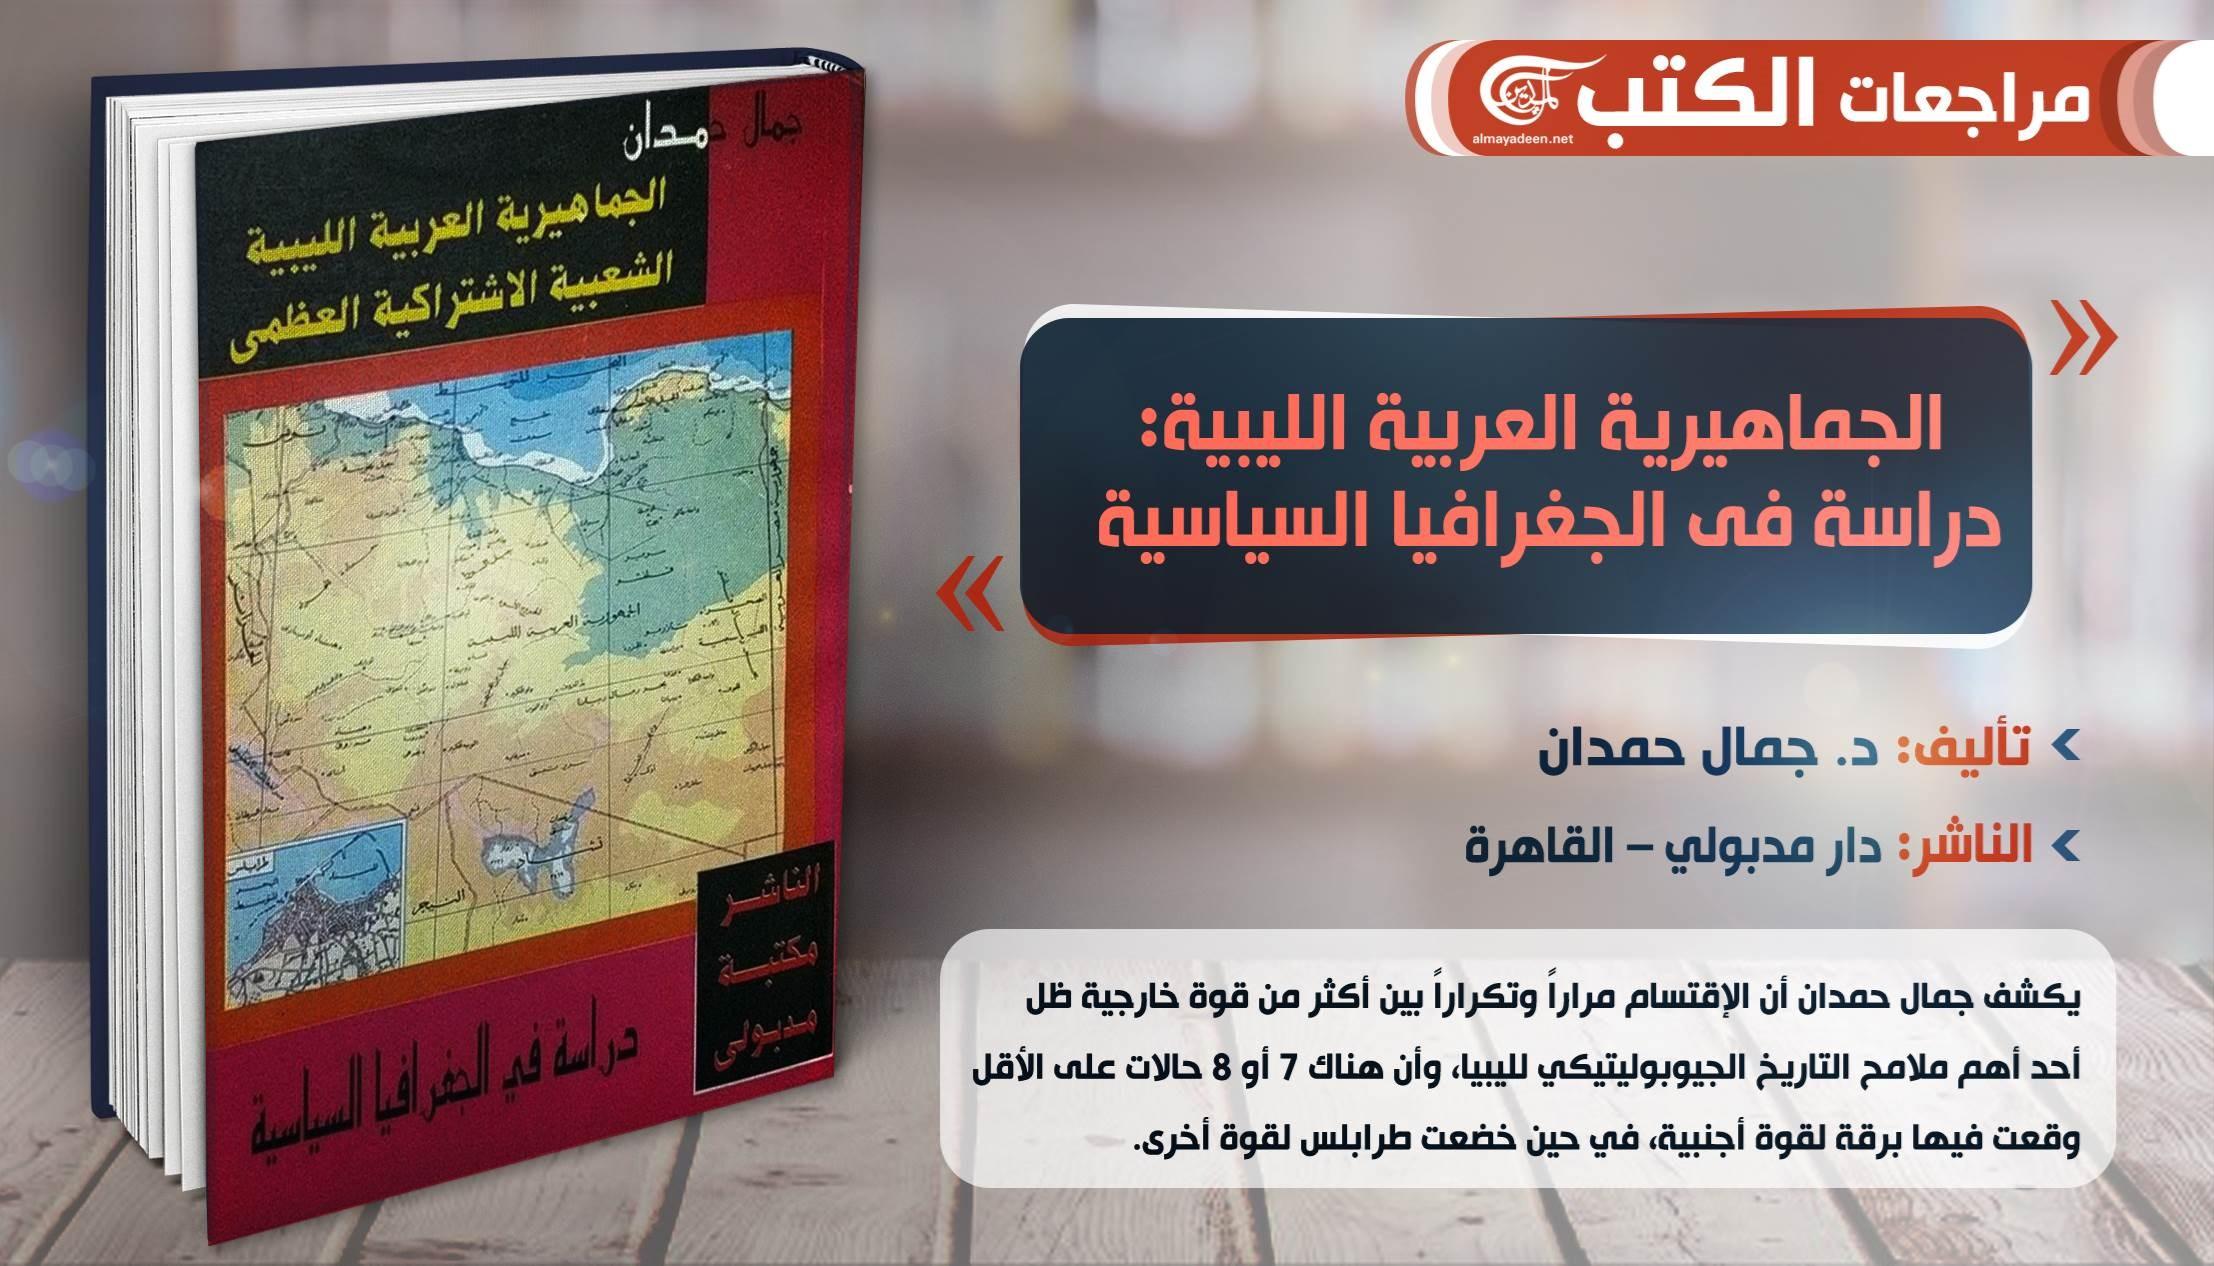 رؤية الخبير الإستراتيجي جمال حمدان لأبعاد الدخول التركي إلى ليبيا